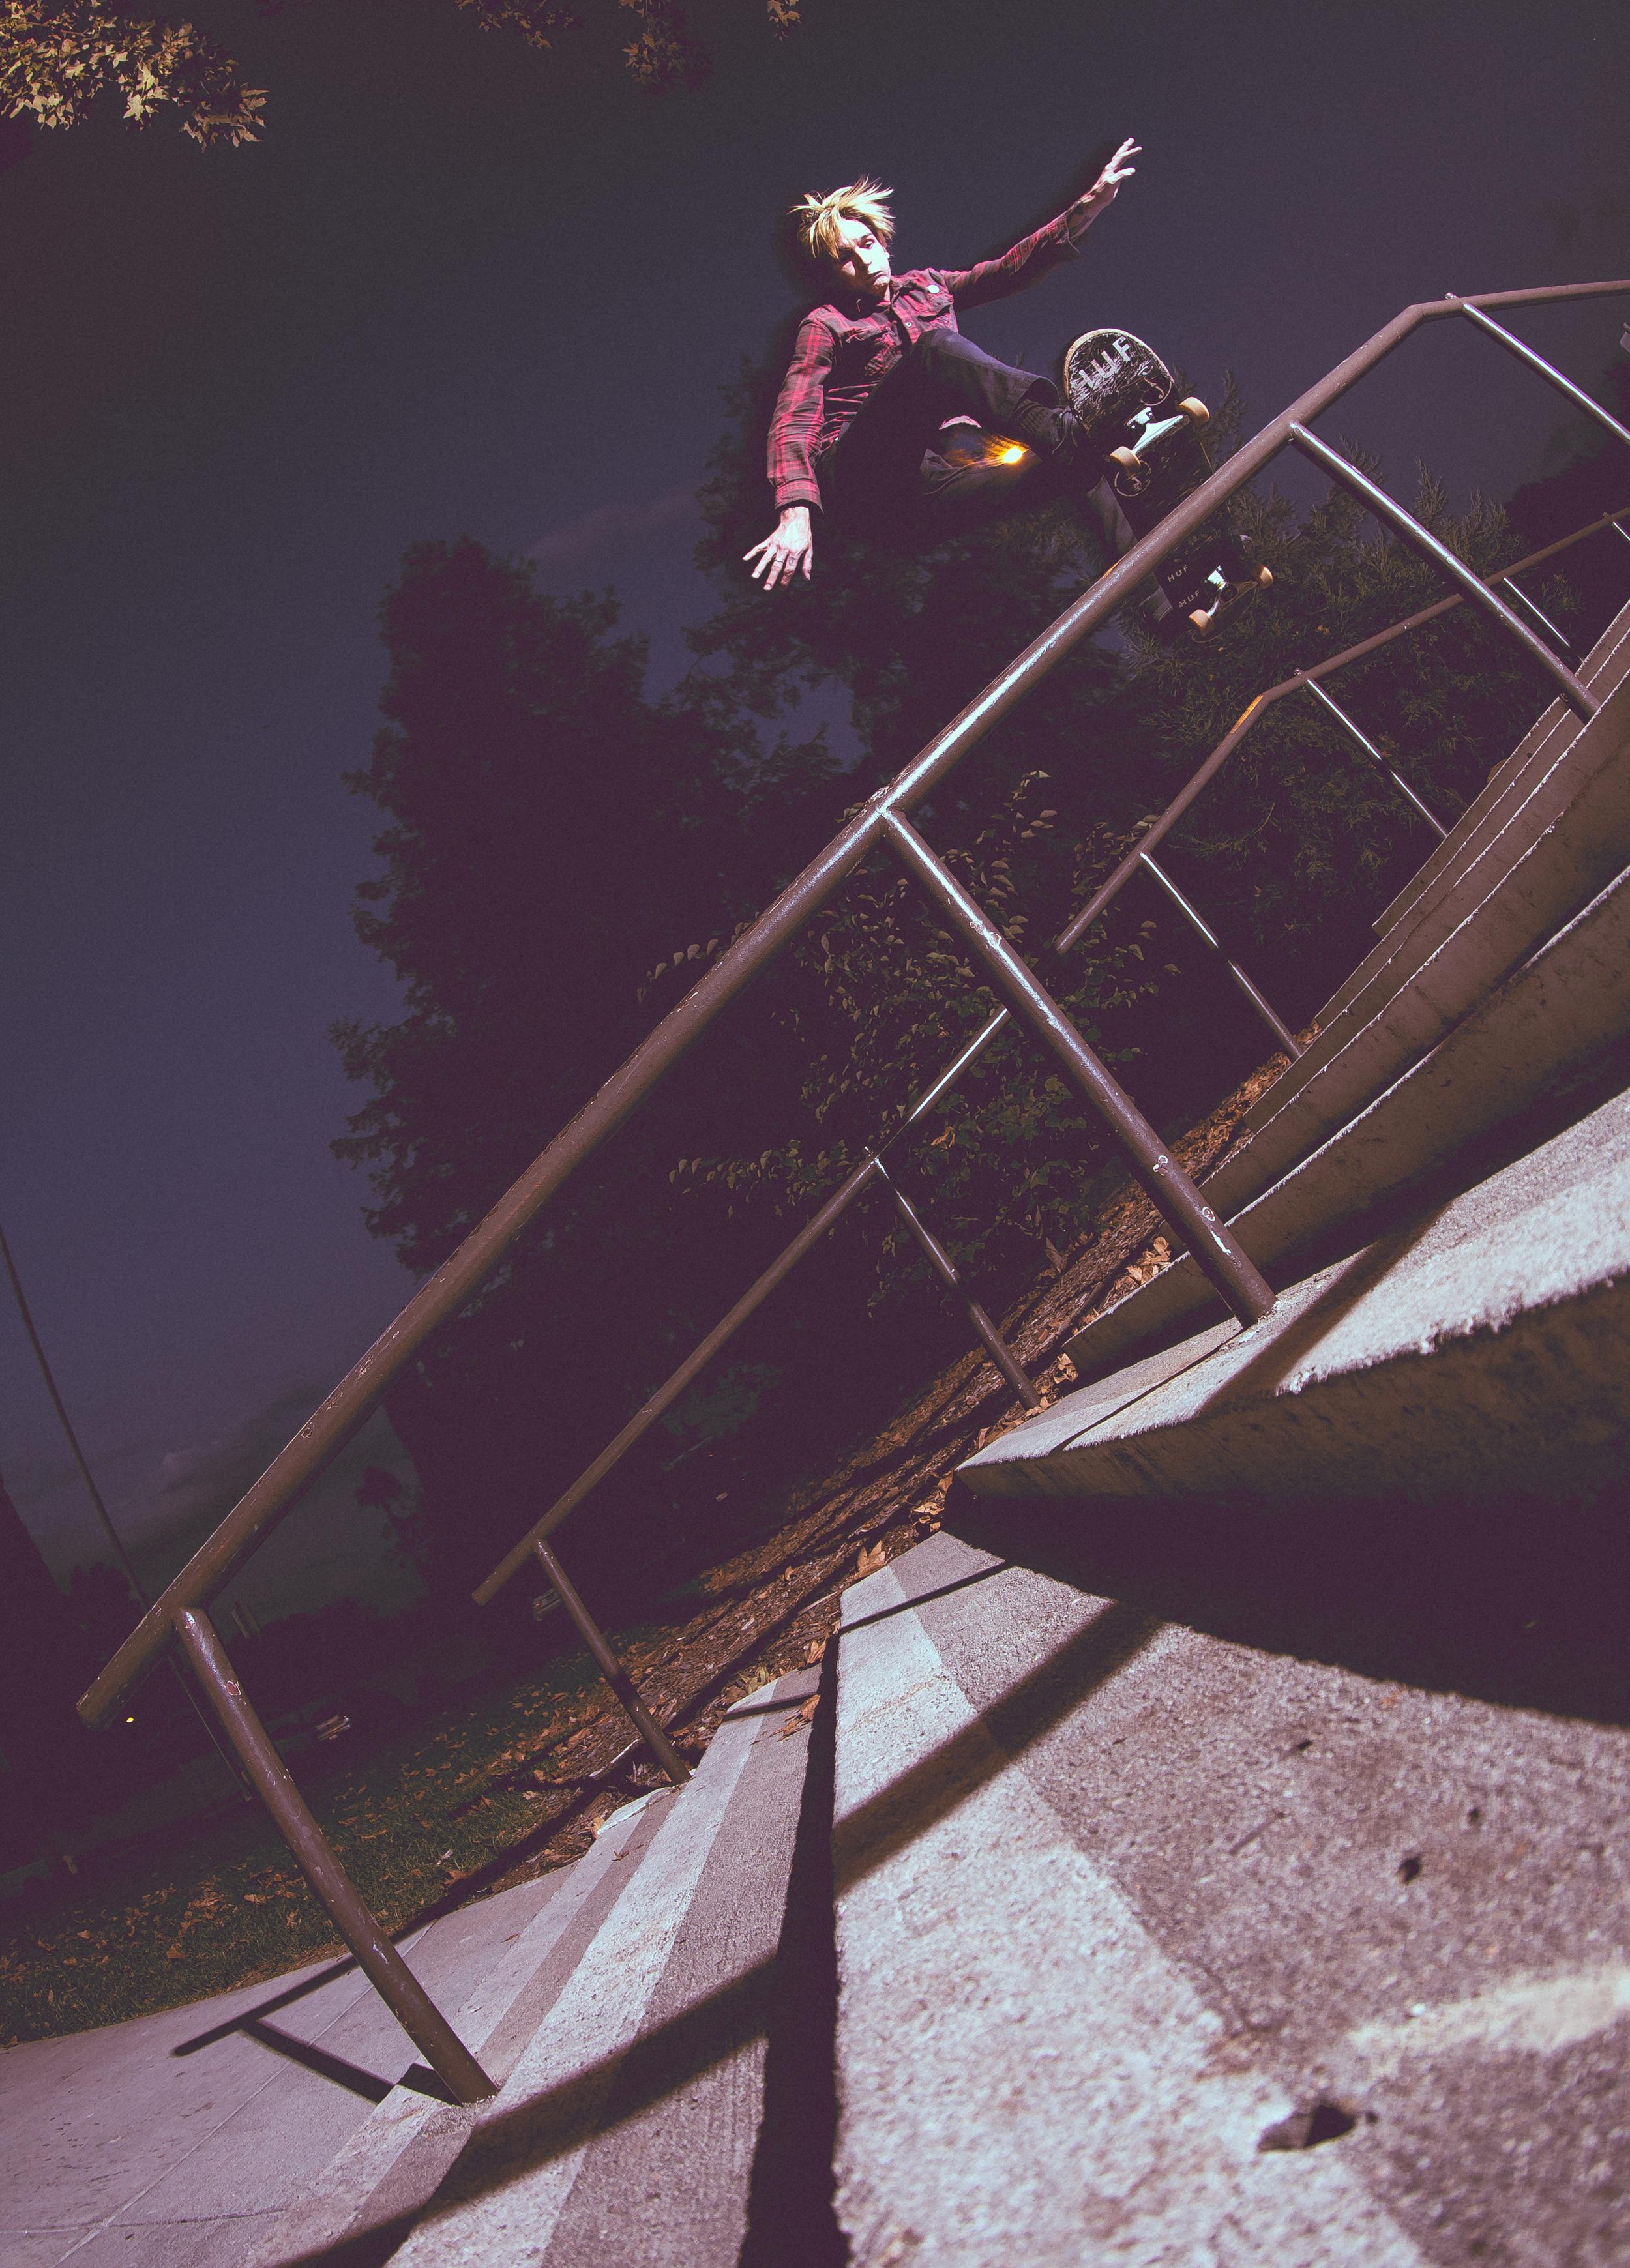 Justin Klegka, Frontside Boardslide